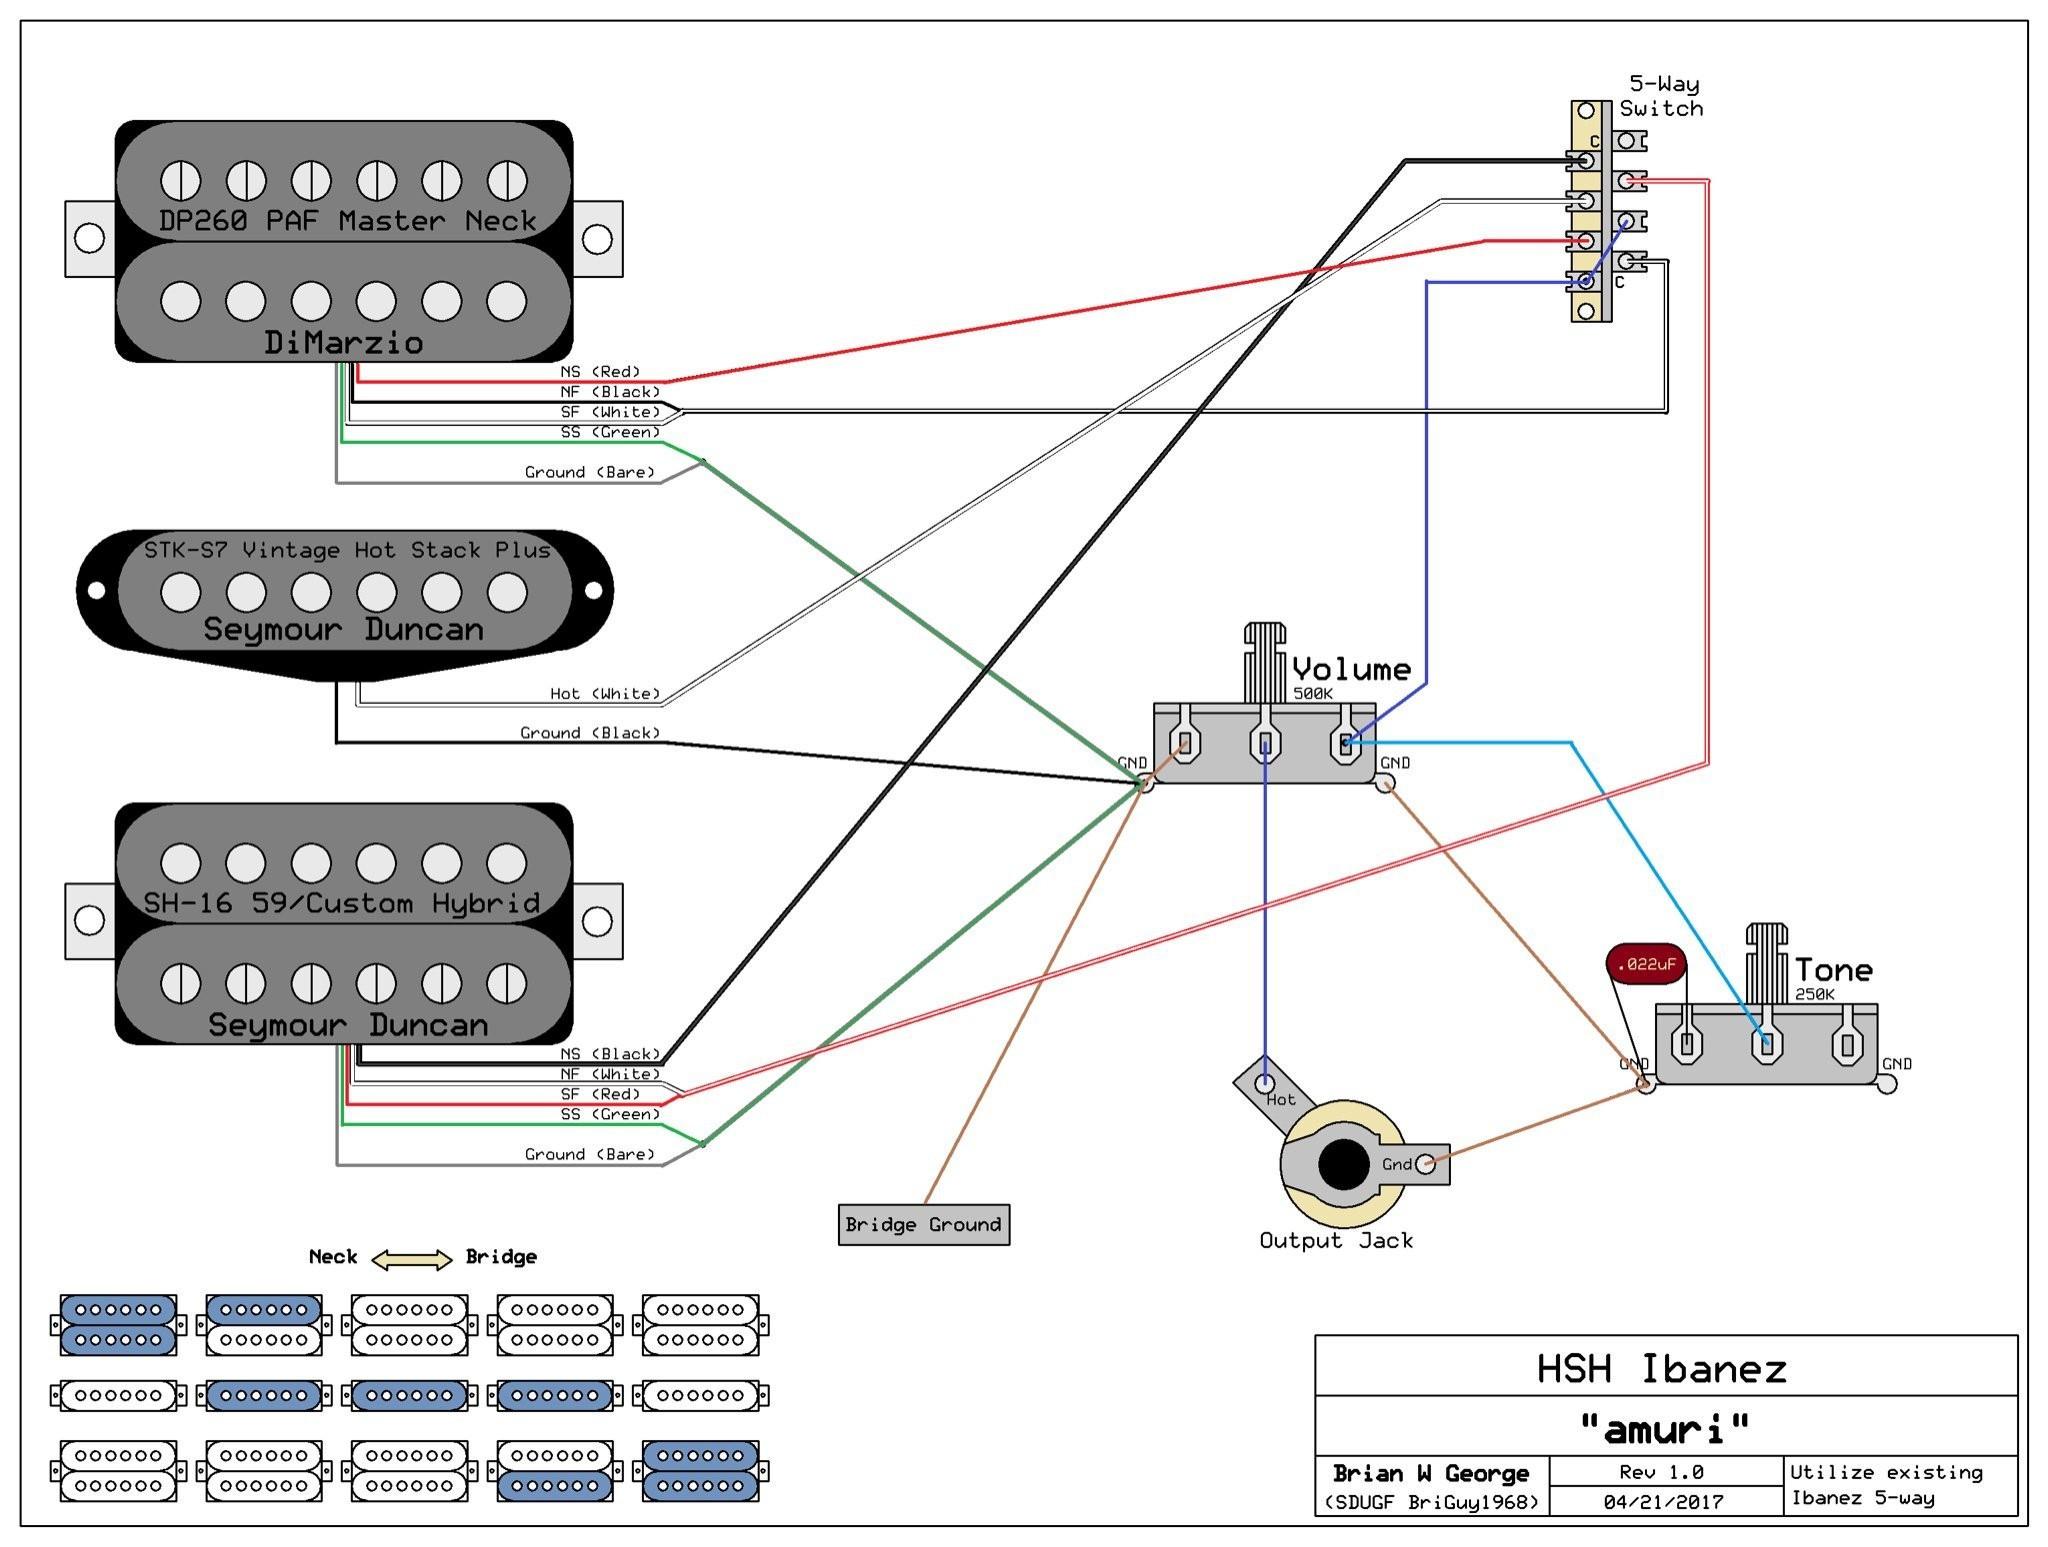 Free Download Hsh Wiring Diagram | Wiring Diagram - Hsh Wiring Diagram